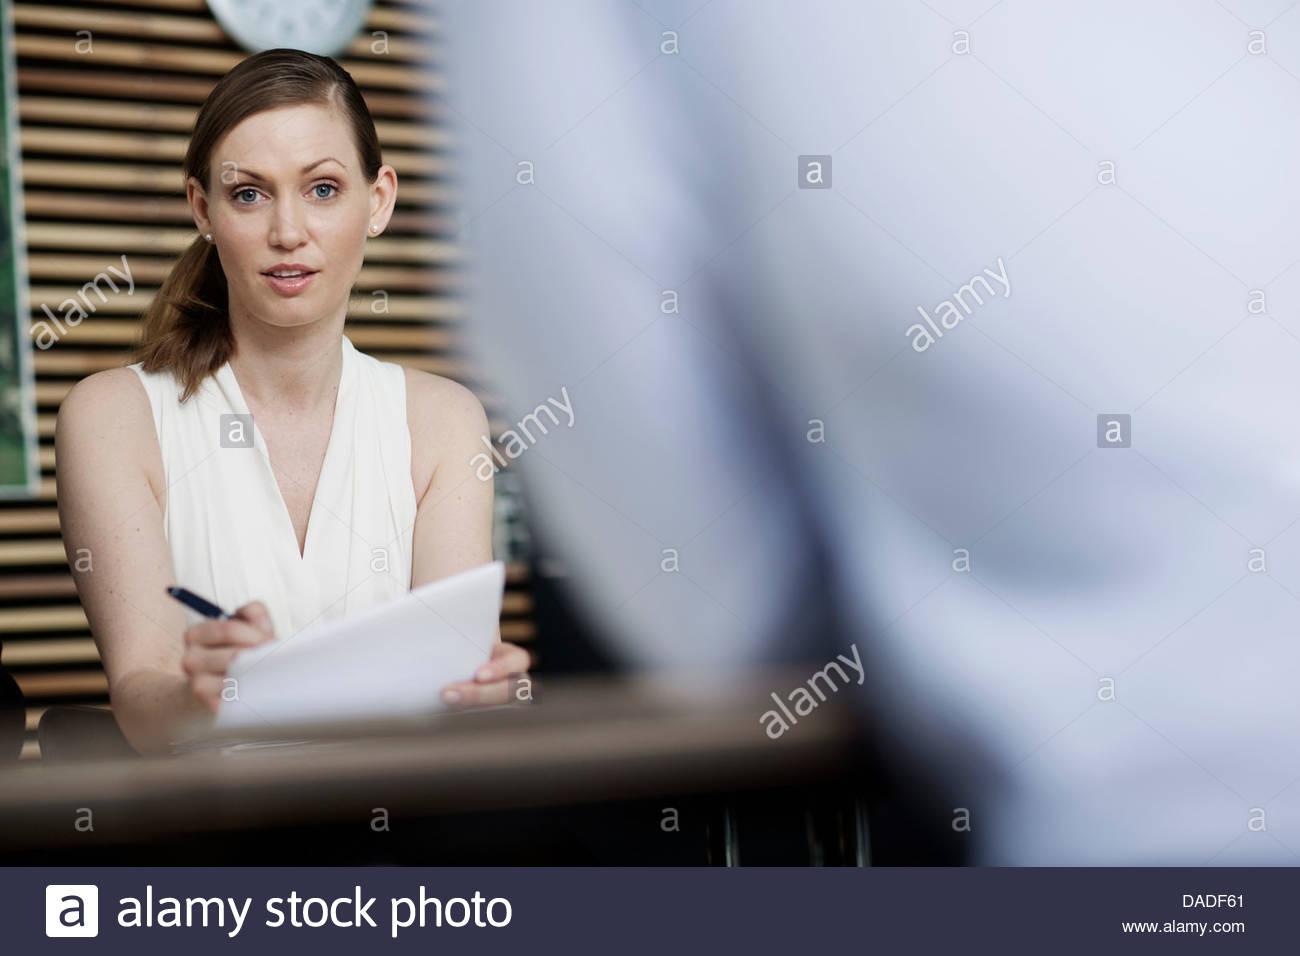 Donna che guarda la fotocamera Immagini Stock